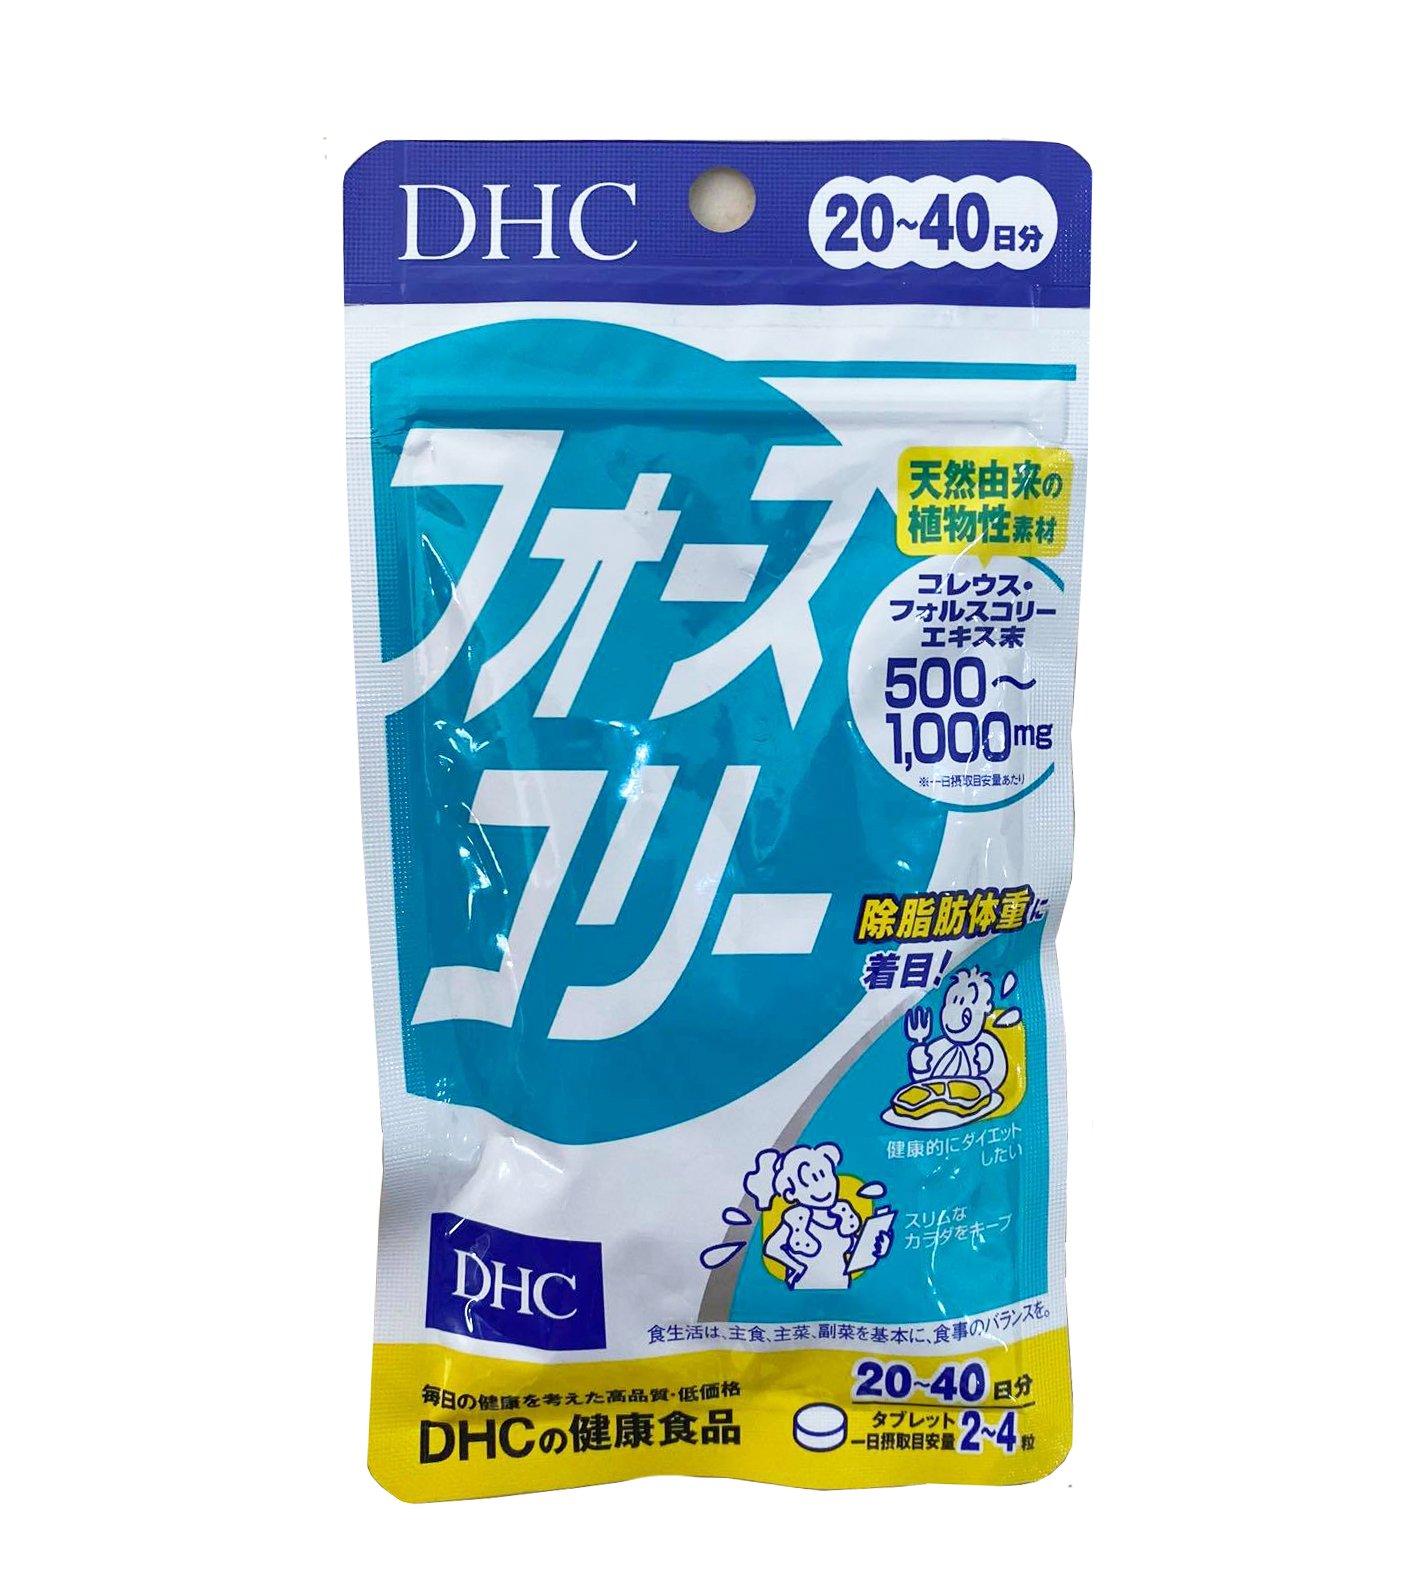 Viên uống hỗ trợ giảm cân DHC 20 ngày của Nhật mẫu mới